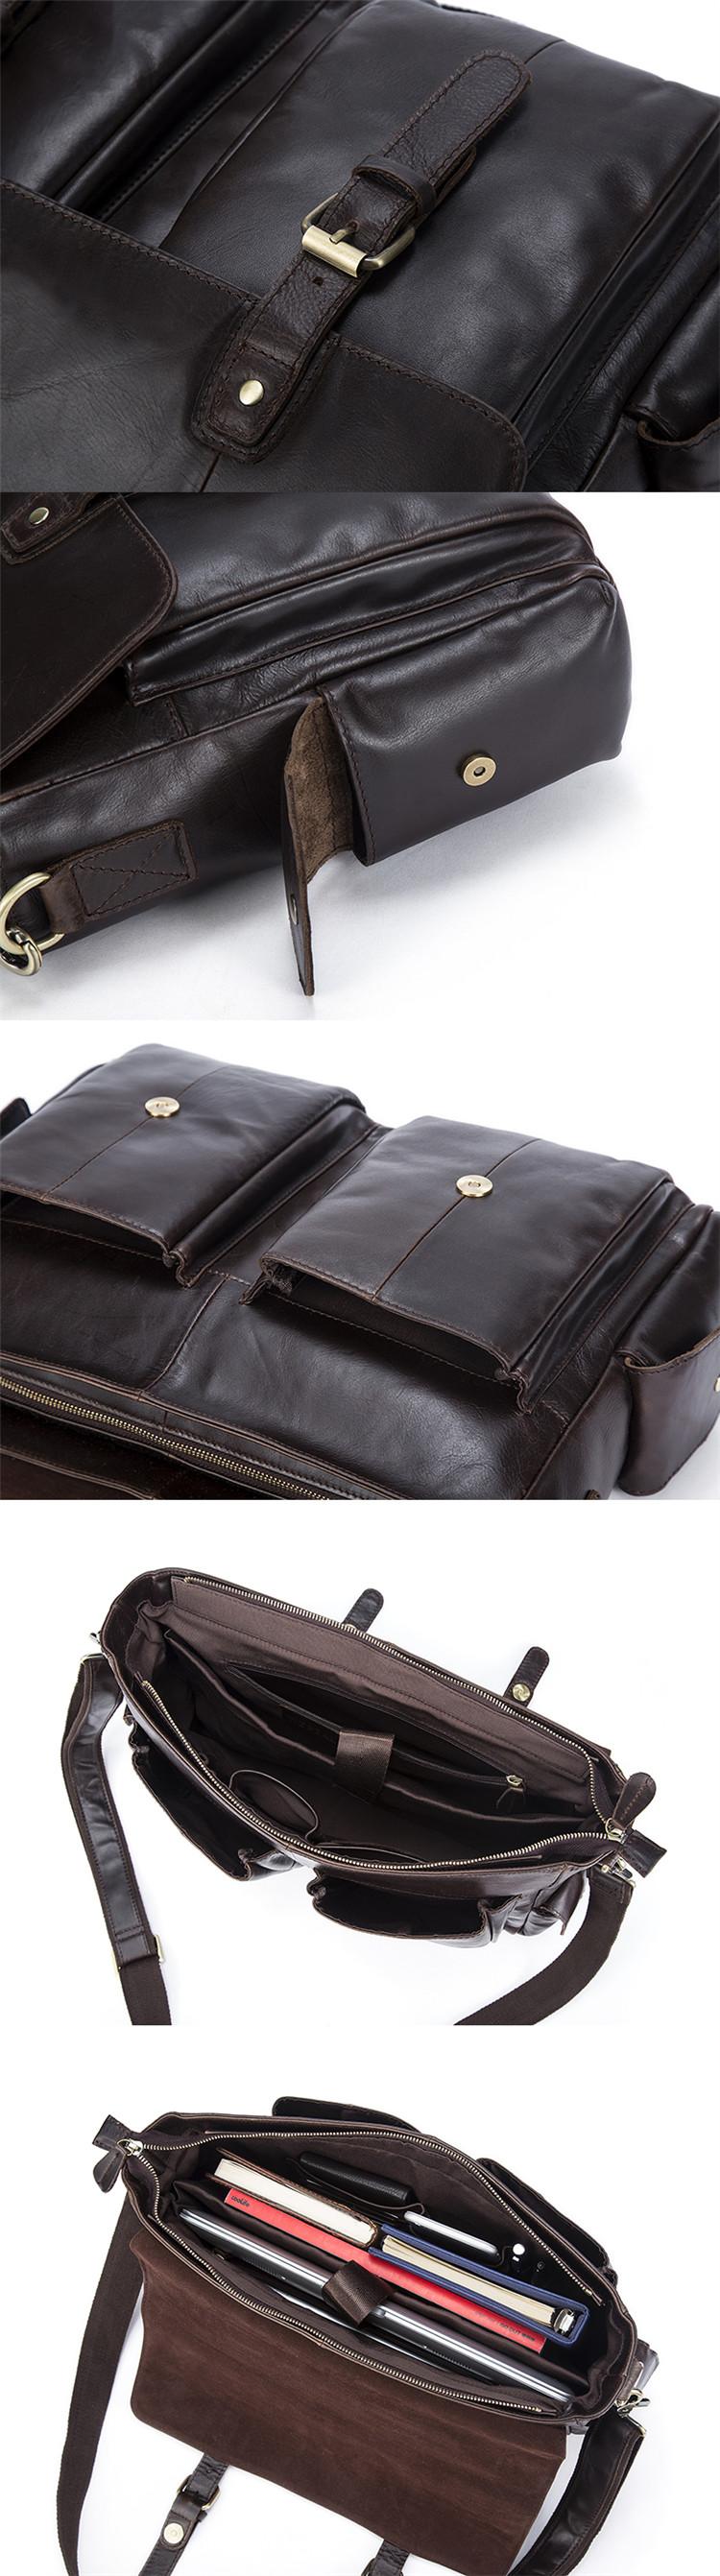 73771eb7edcc Мужские сумки через плечо из натуральной кожи. 11 22 33. Доставка: